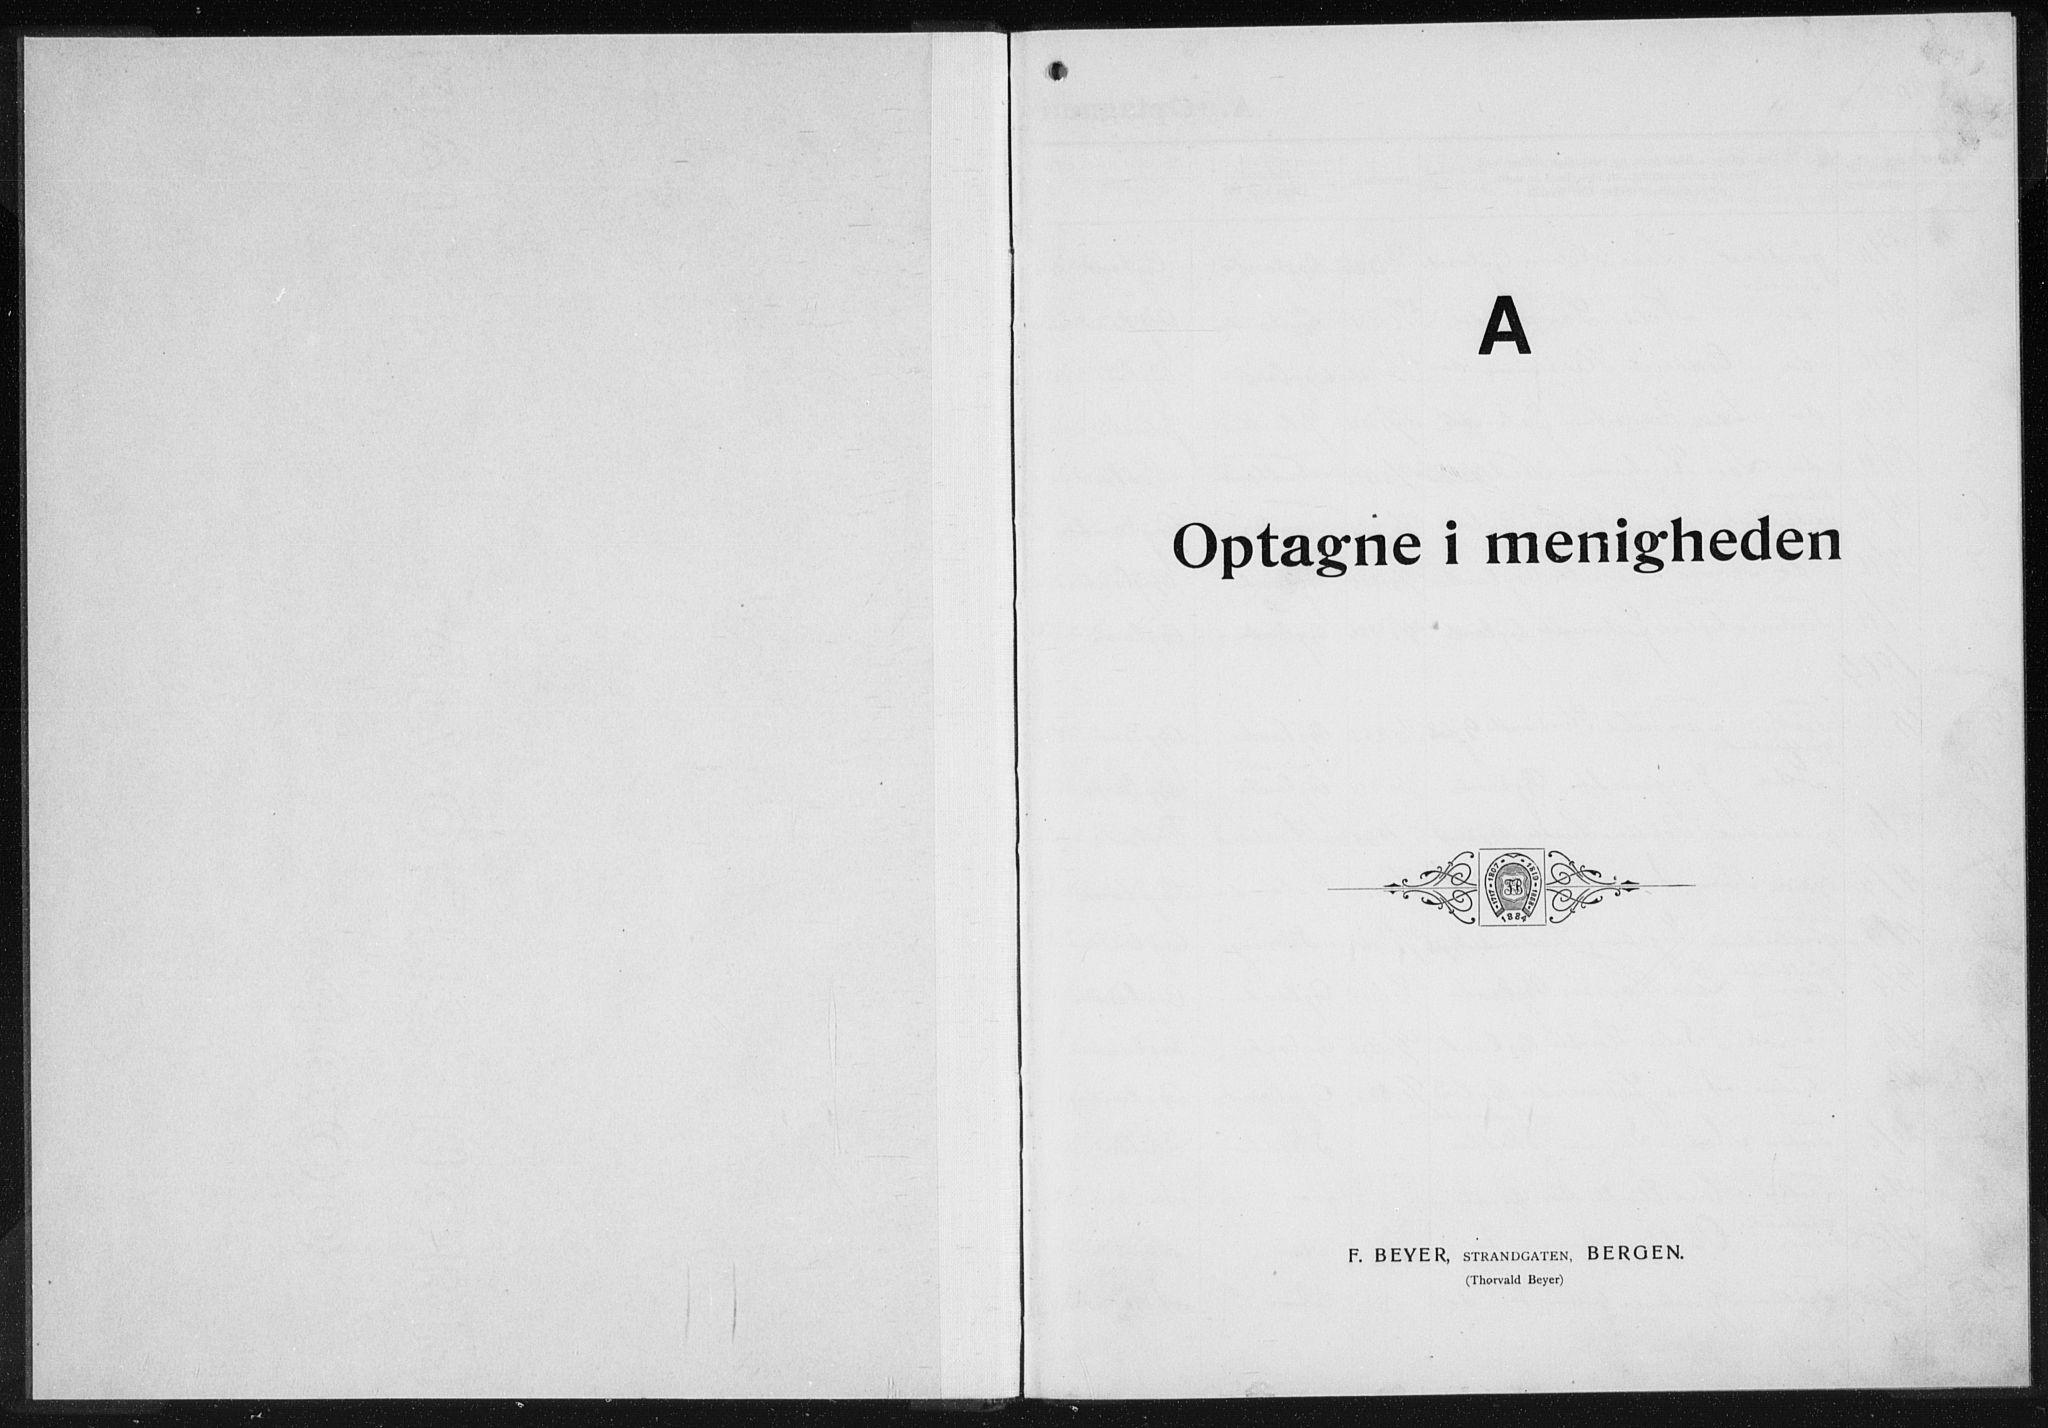 SAK, Baptistmenigheten i Gyland, F/Fa/L0001: Dissenterprotokoll nr. F 1, 1902-1937